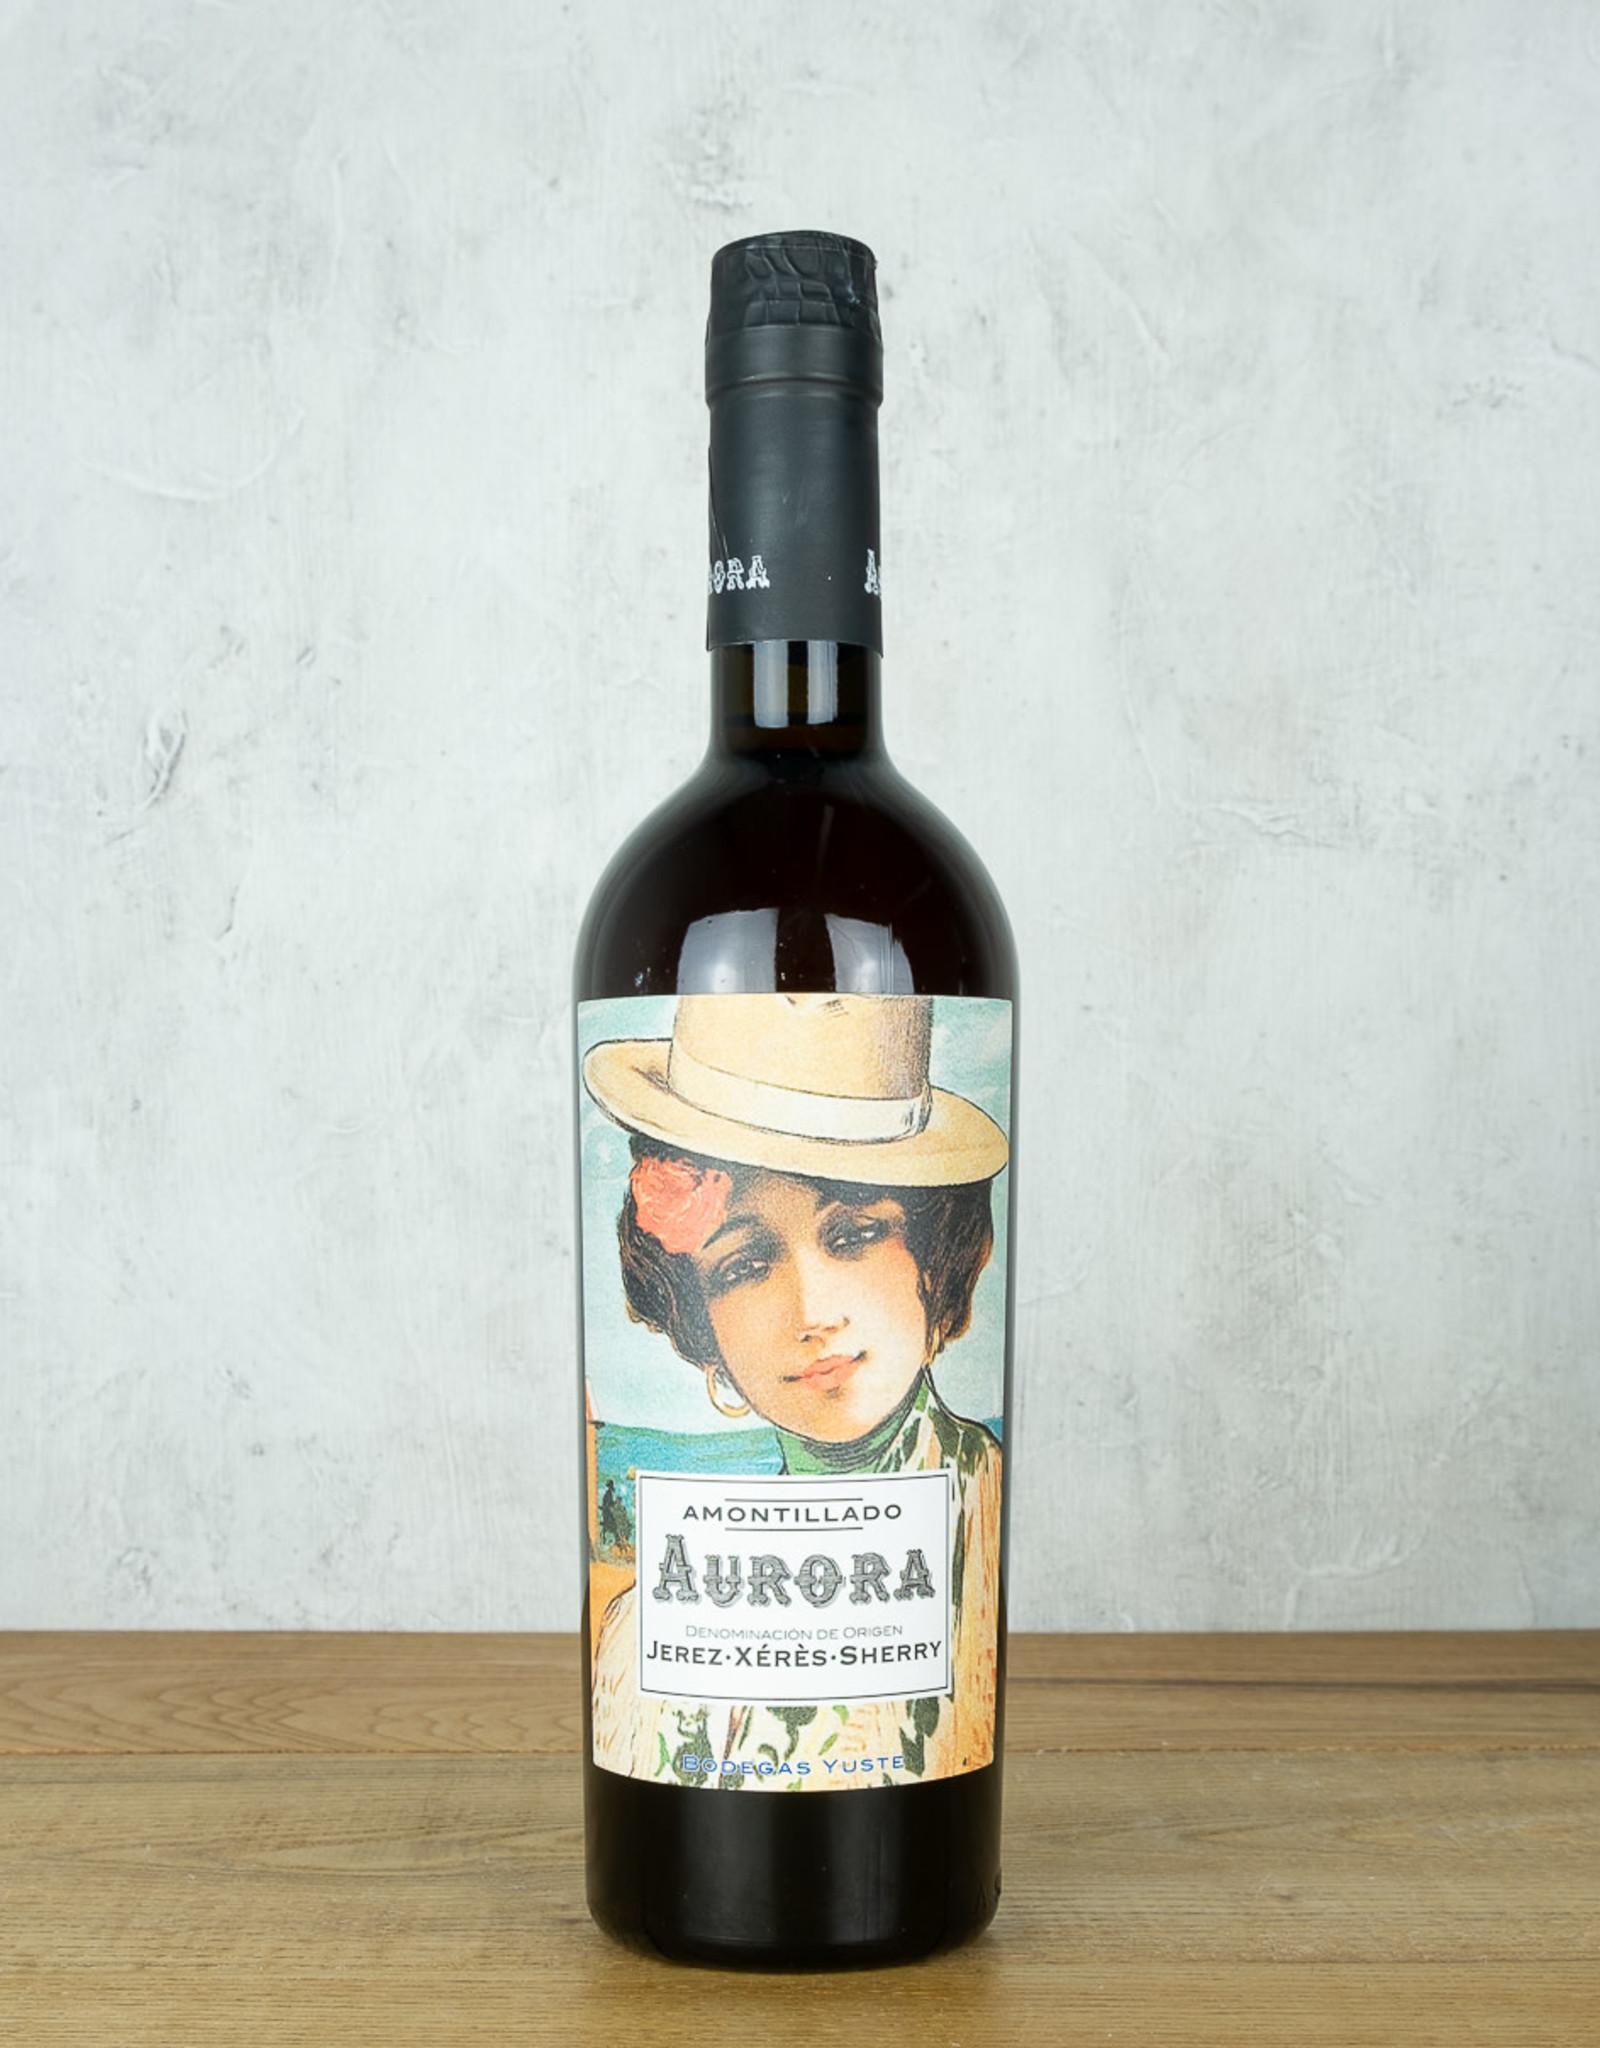 Bodegas Aurora Amontillado Sherry